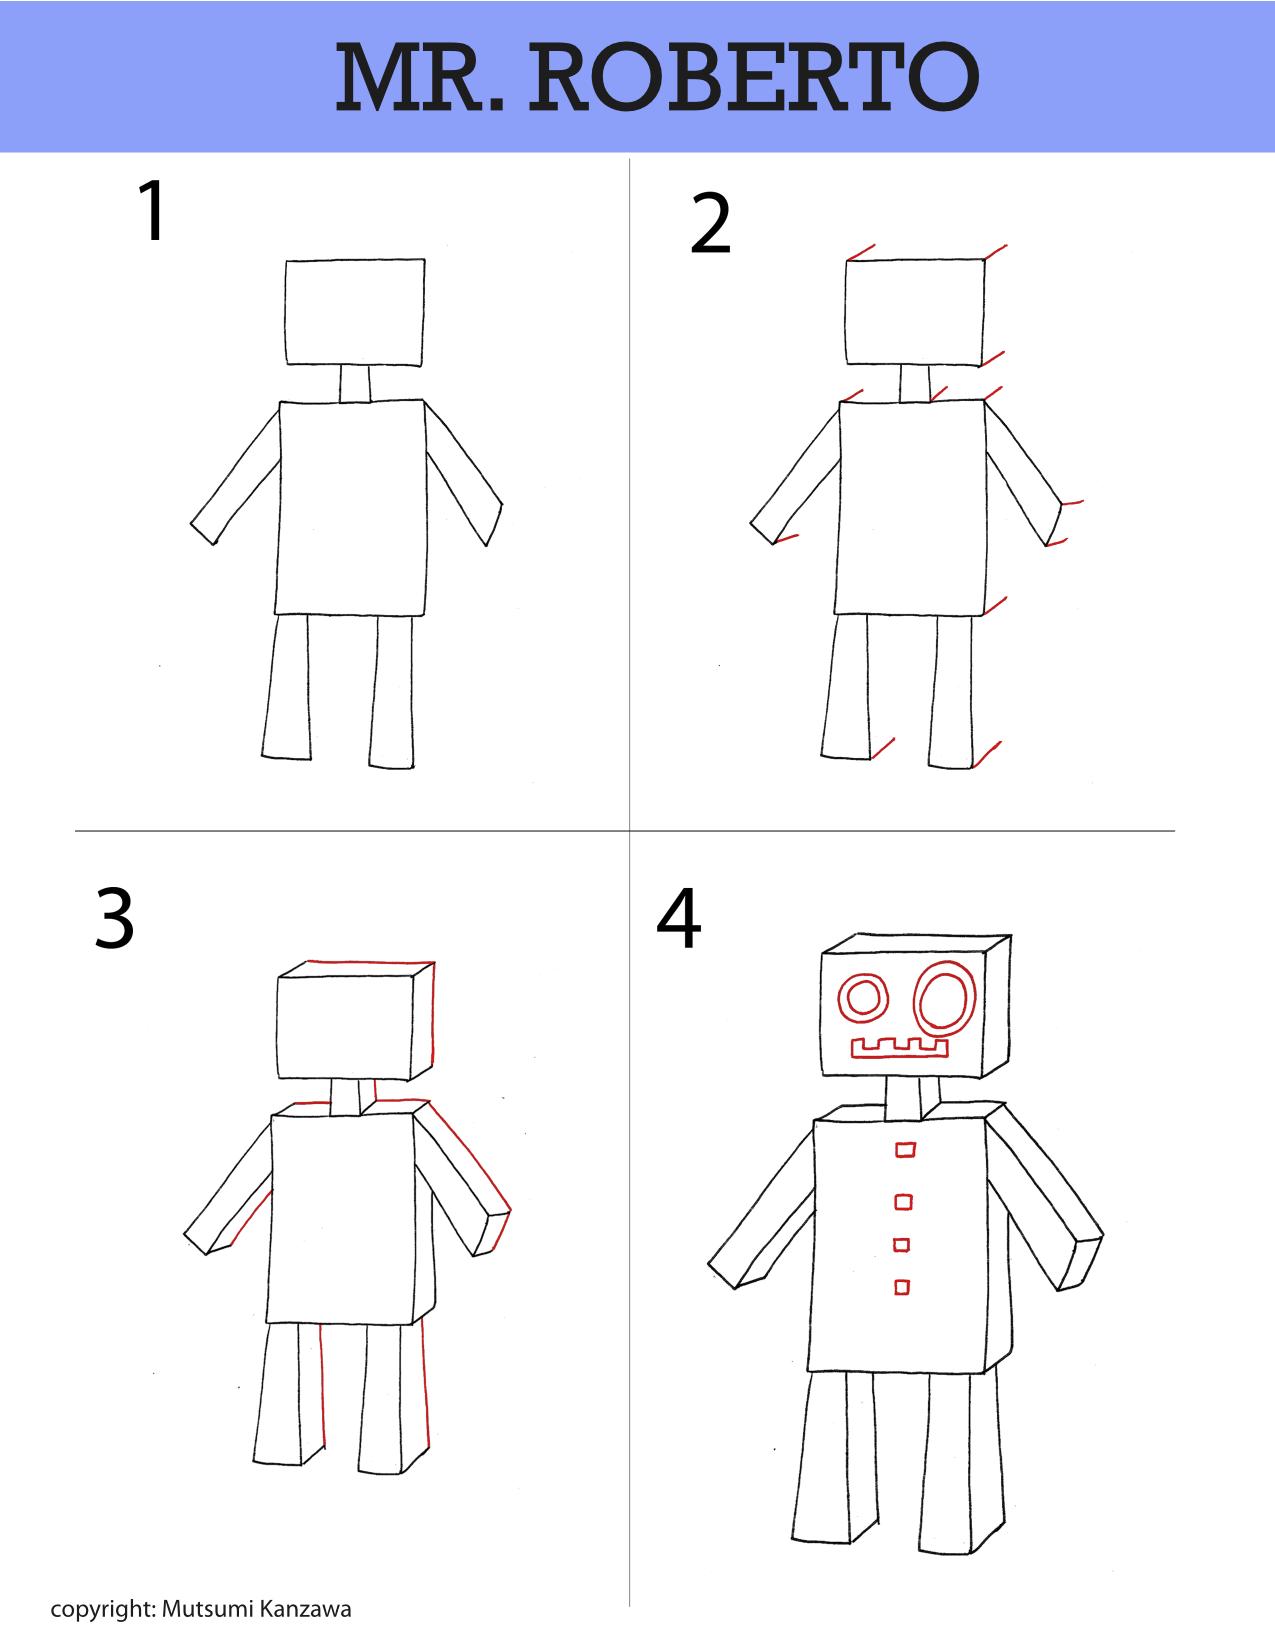 best images about robots folk art saint john 17 best images about robots folk art saint john and printable coloring pages